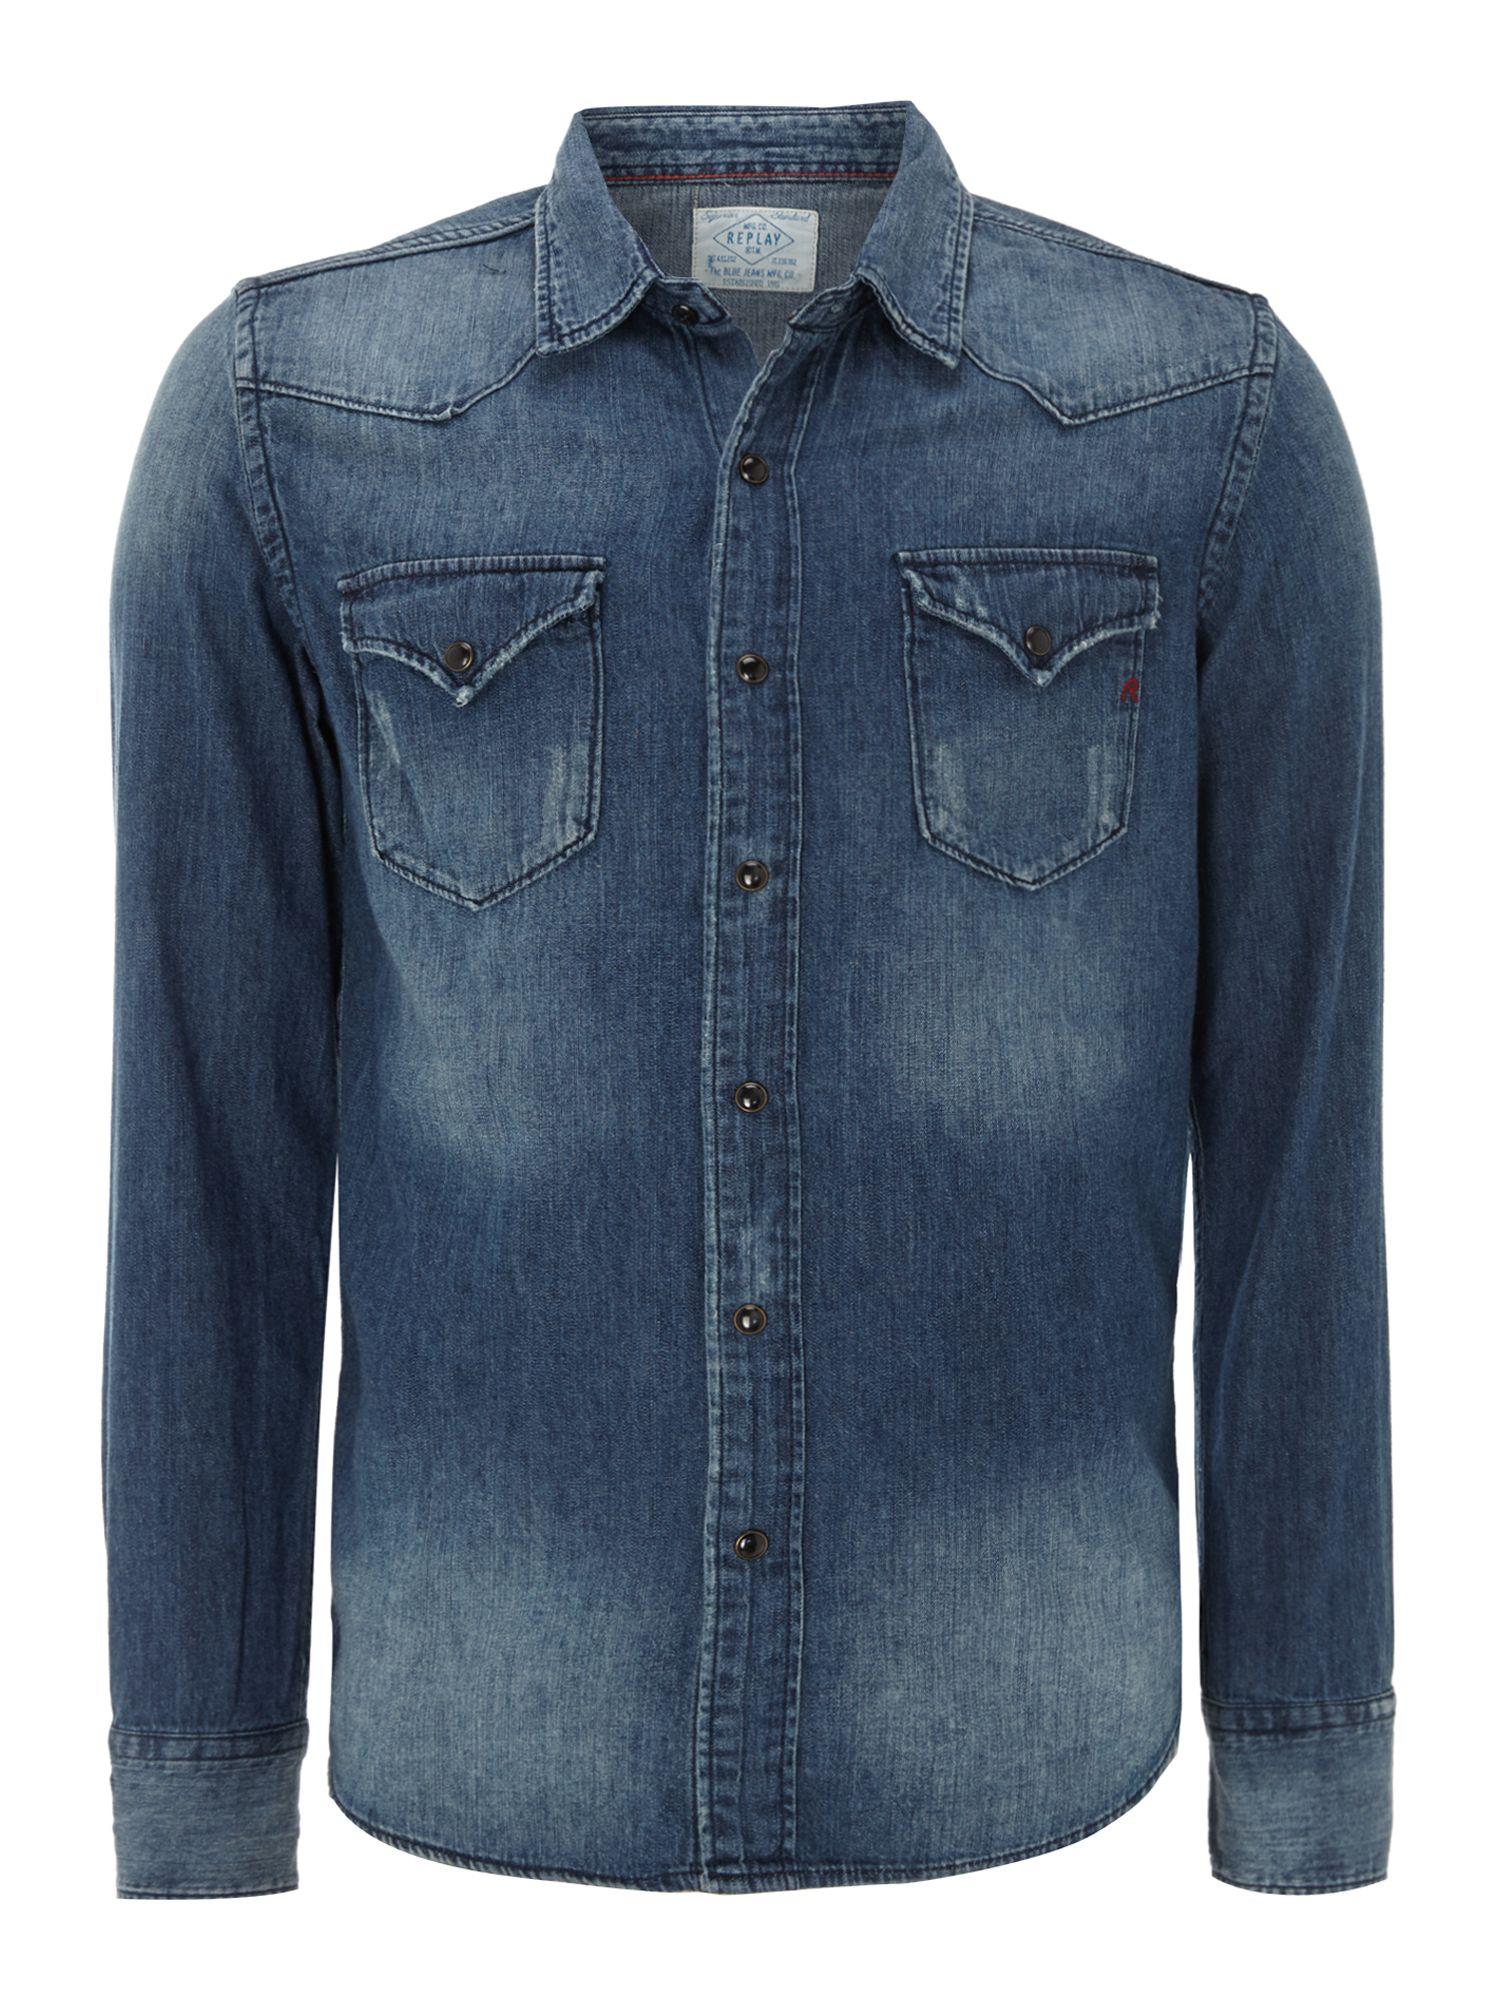 denim shirt pockets - photo #15